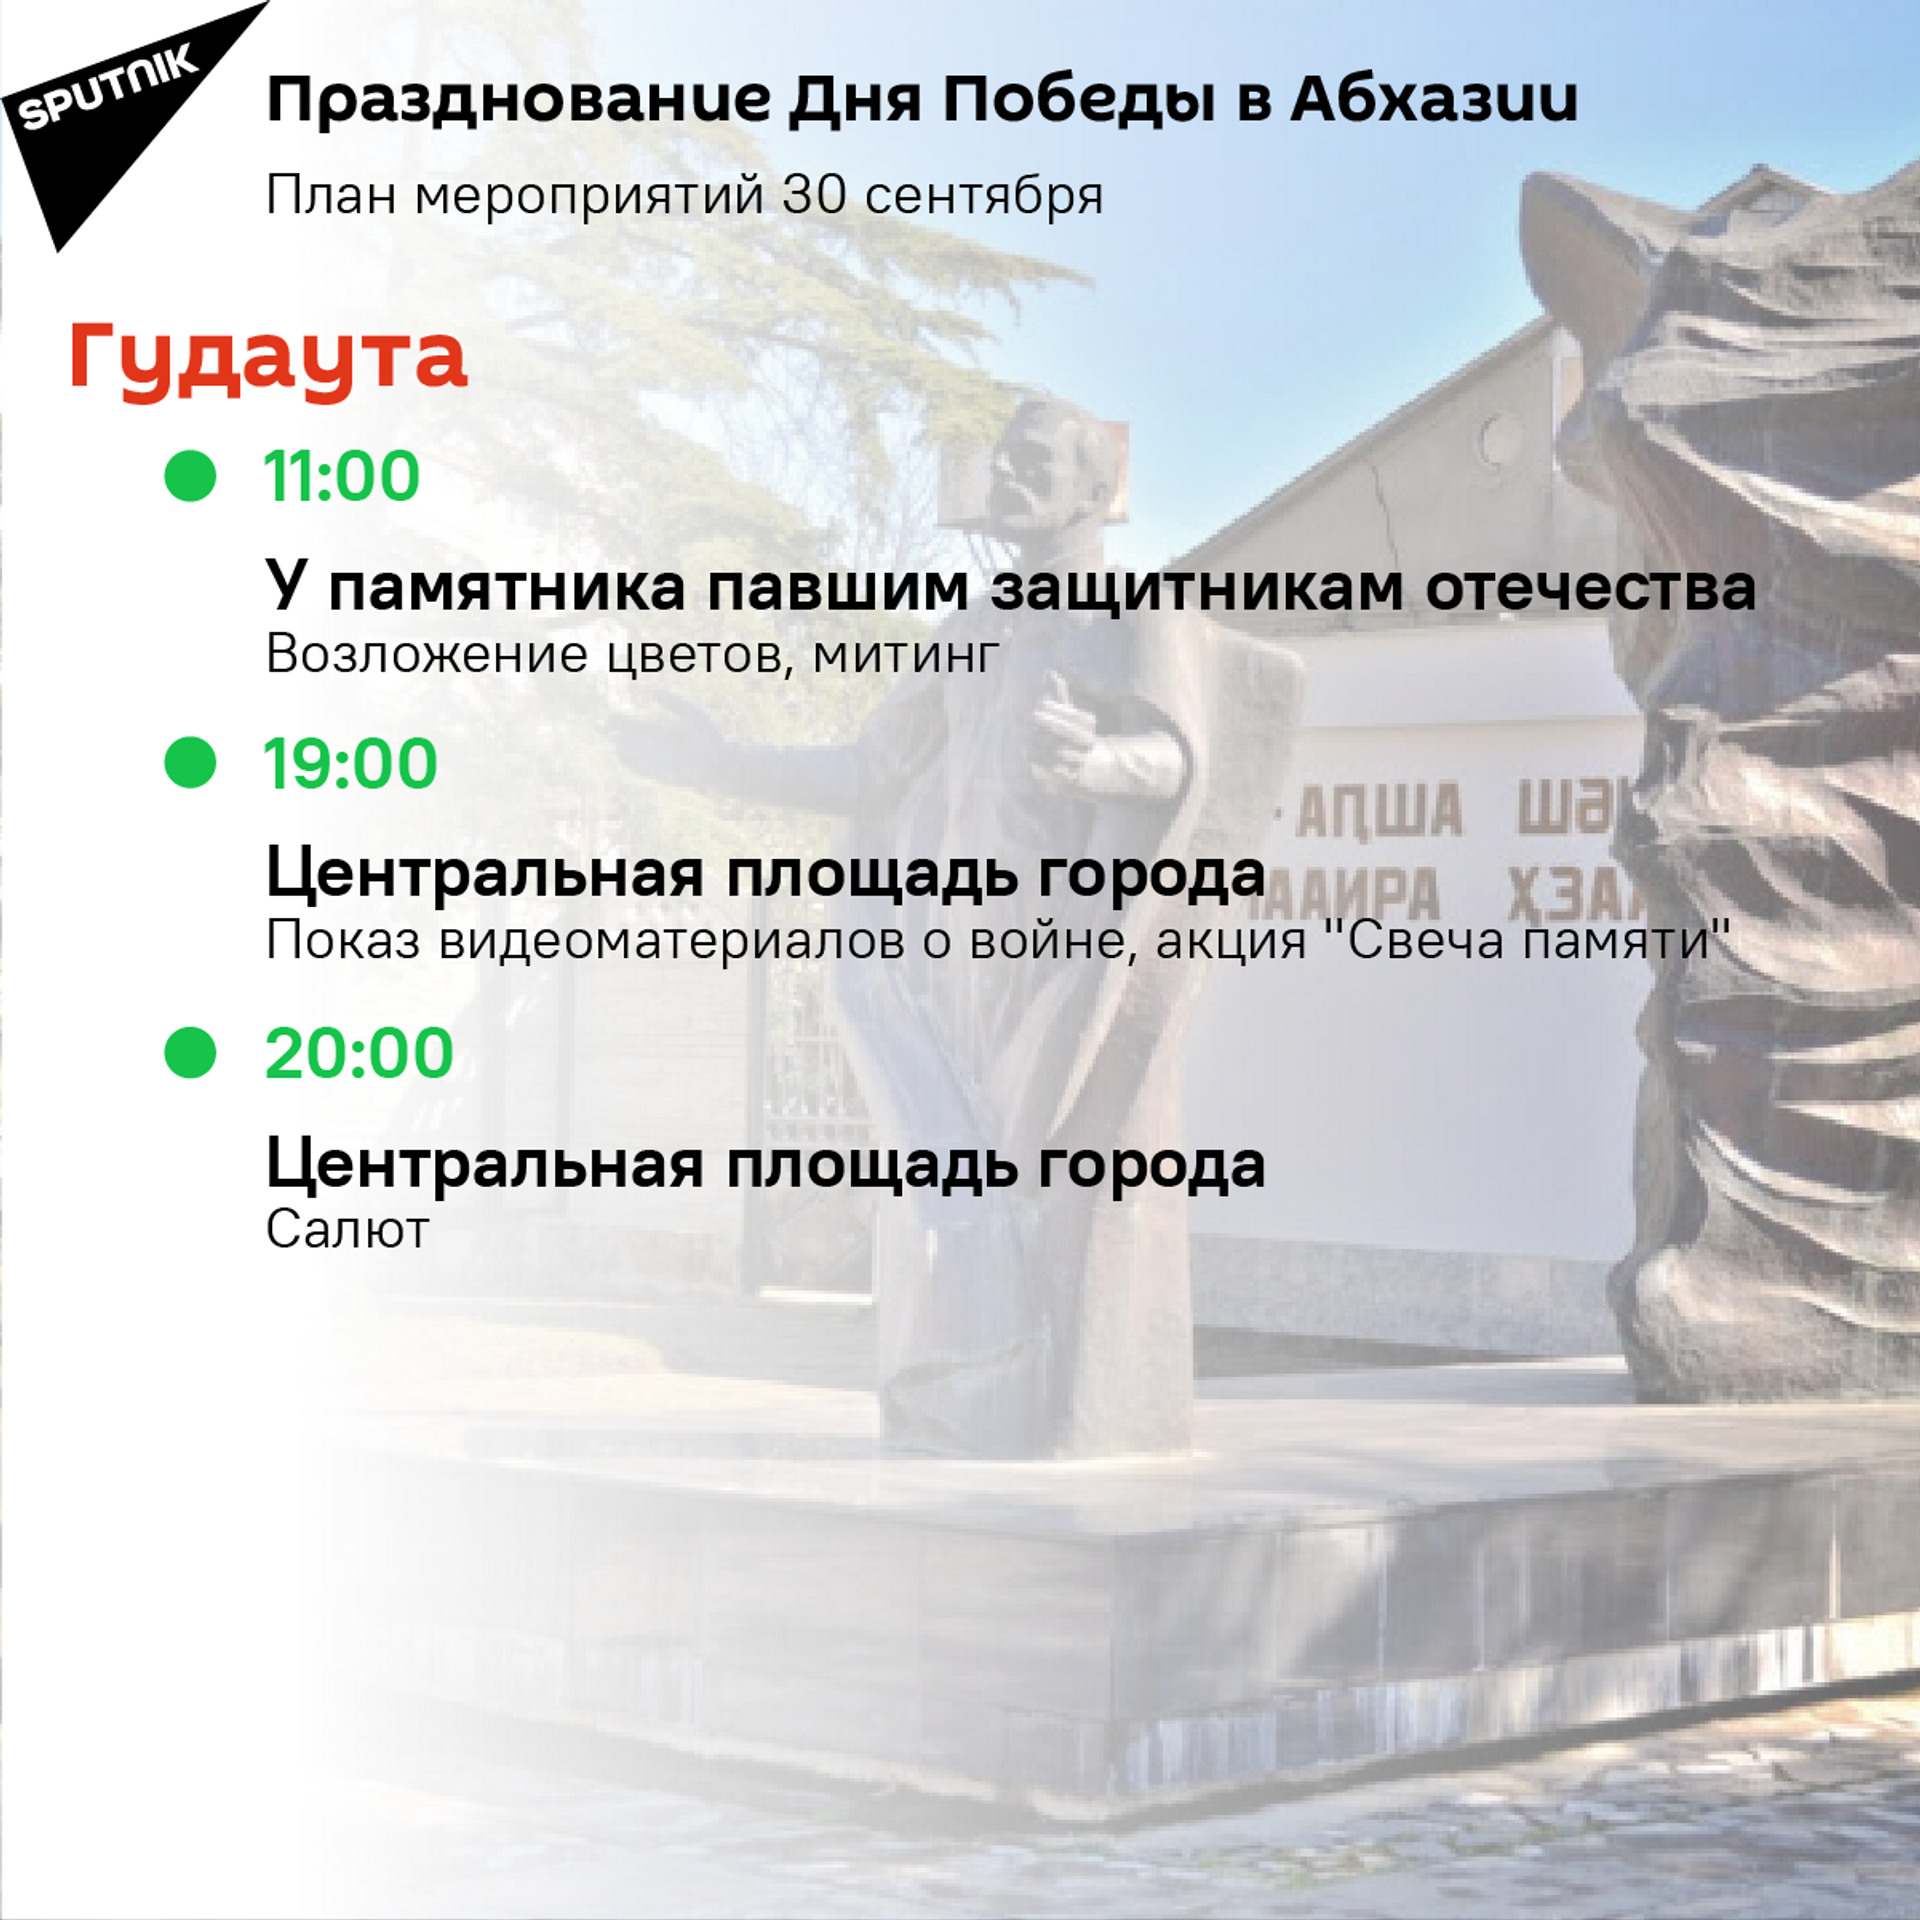 План мероприятий на 30 сентября  - Sputnik Абхазия, 1920, 12.10.2021